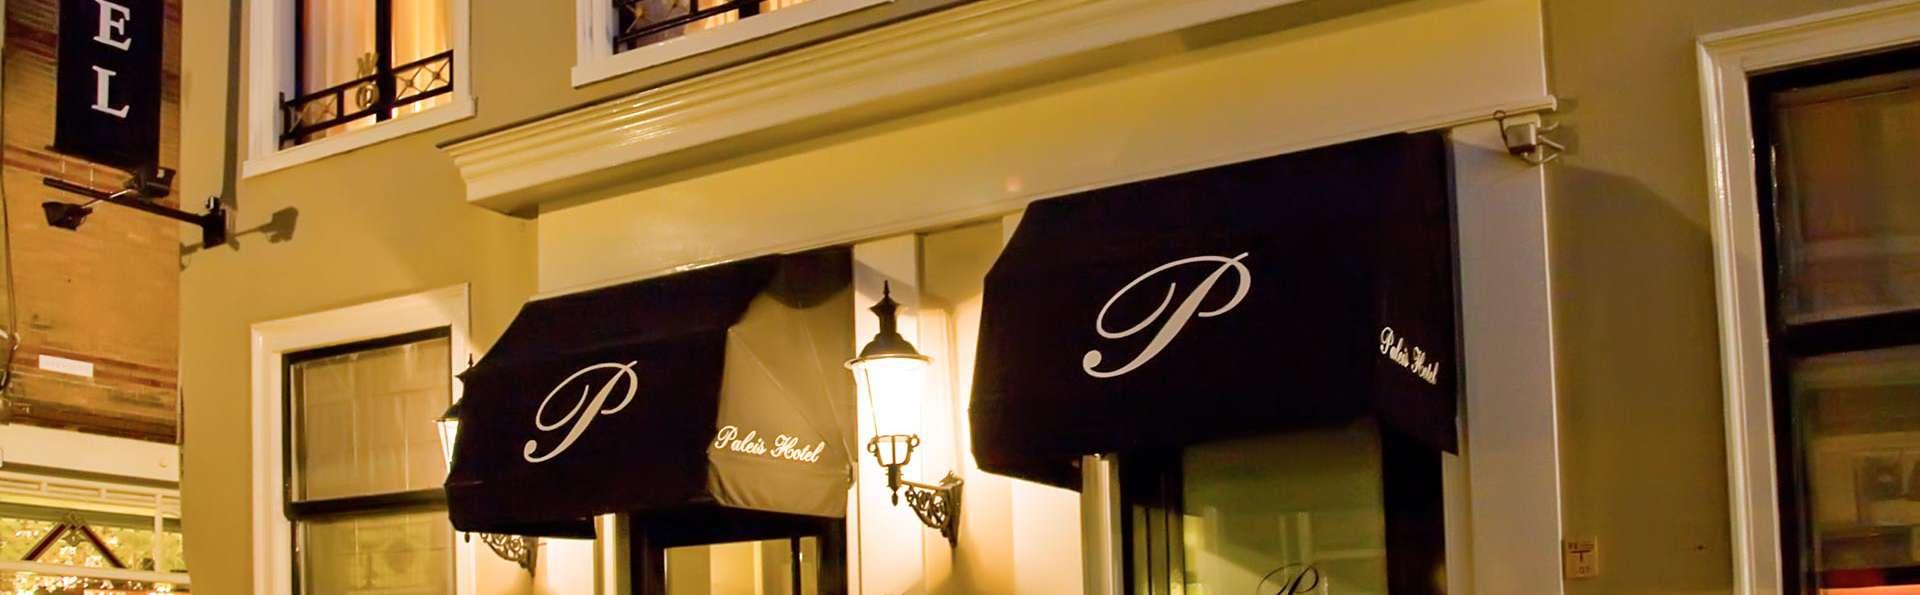 Paleis Hotel  - EDIT_N2_FRONT_01.jpg